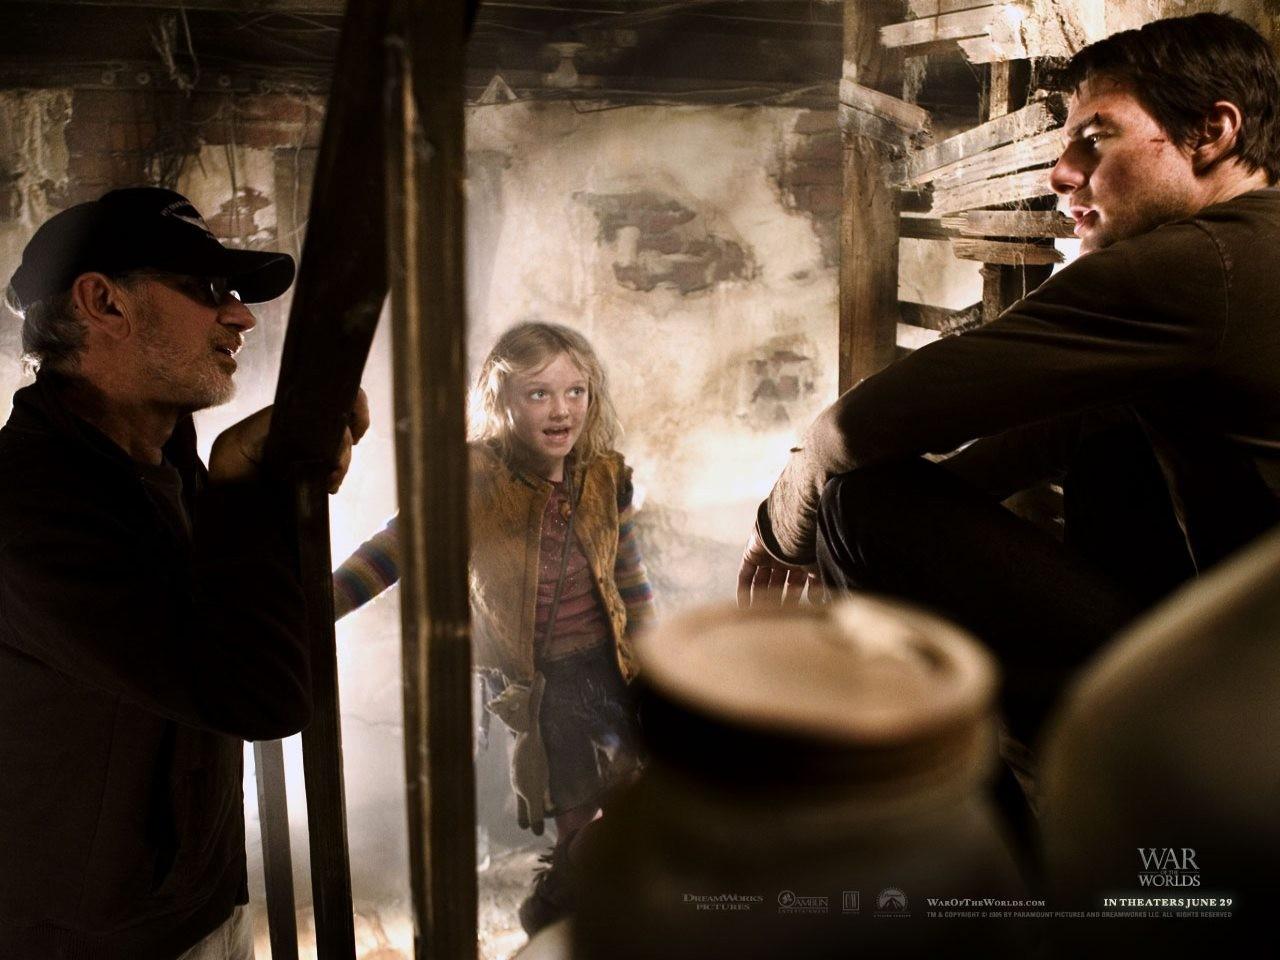 Wallpaper del film La guerra dei mondi di Spielberg